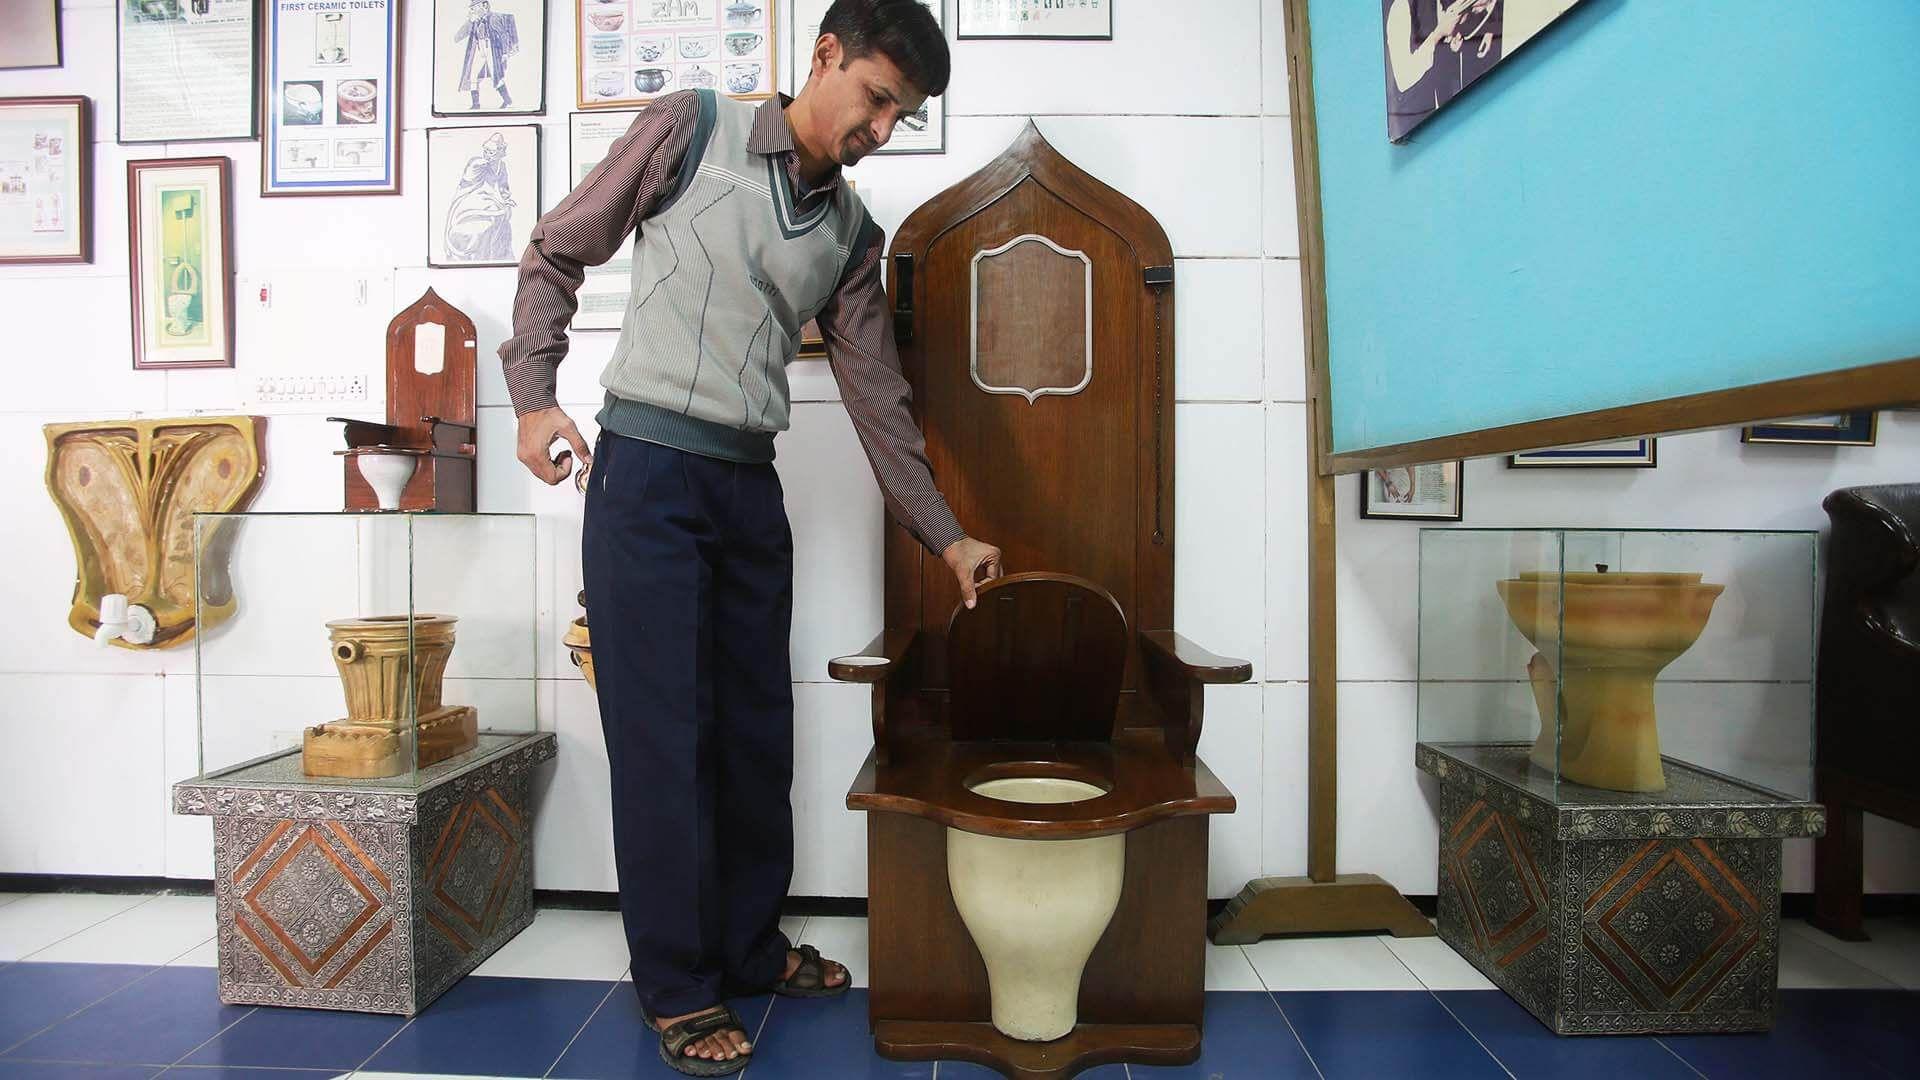 Sulabh Uluslararası Tuvalet Müzesi, Delhi, Hindistan